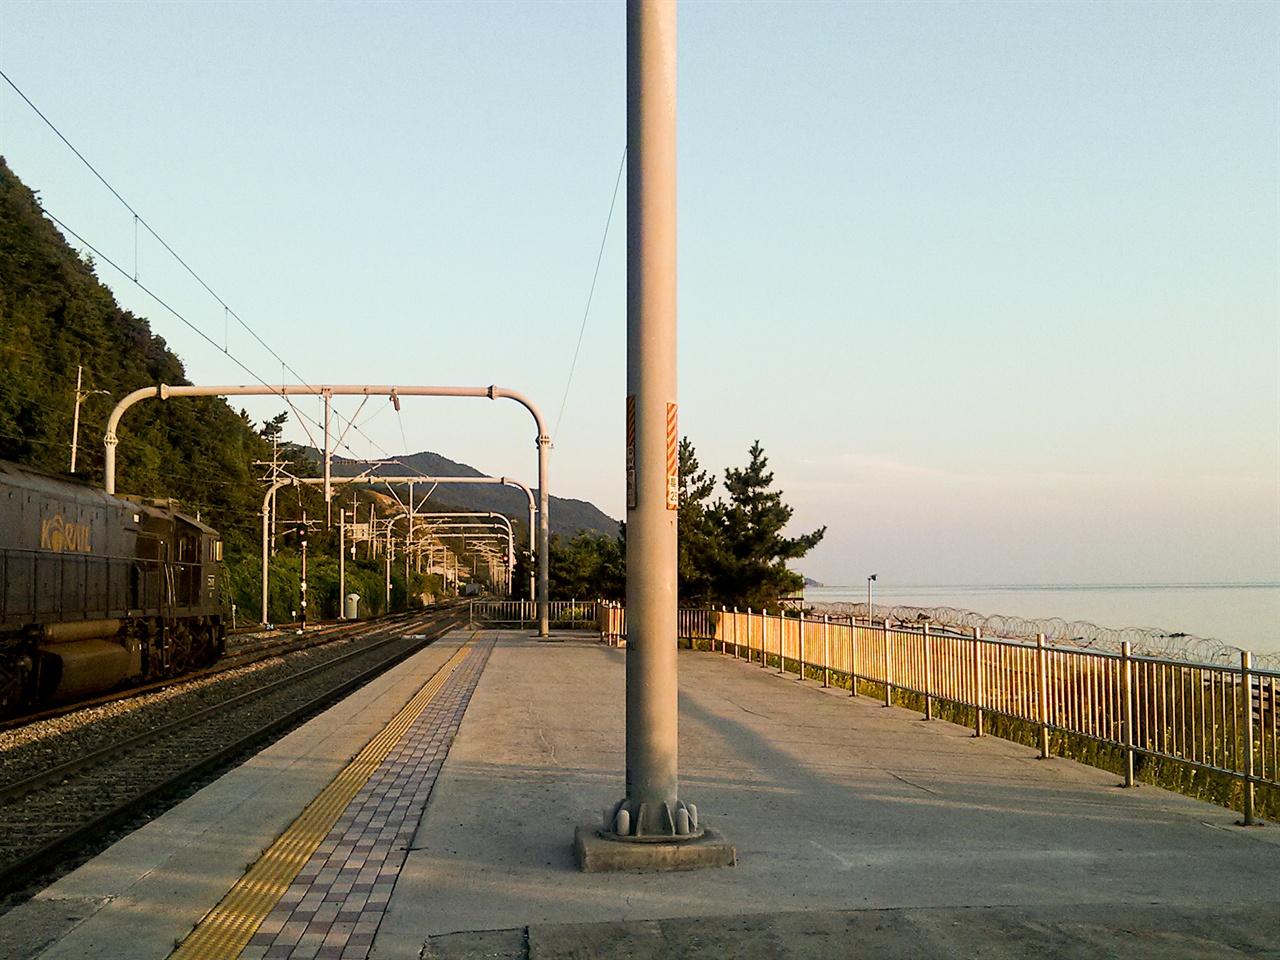 경강선과 영동선을 잇는 삼각선이 개통되면 KTX 열차가 진부역에서 바로 정동진역, 동해역으로 향할 수 있게 된다. 사진은 영동선 정동진역의 모습.